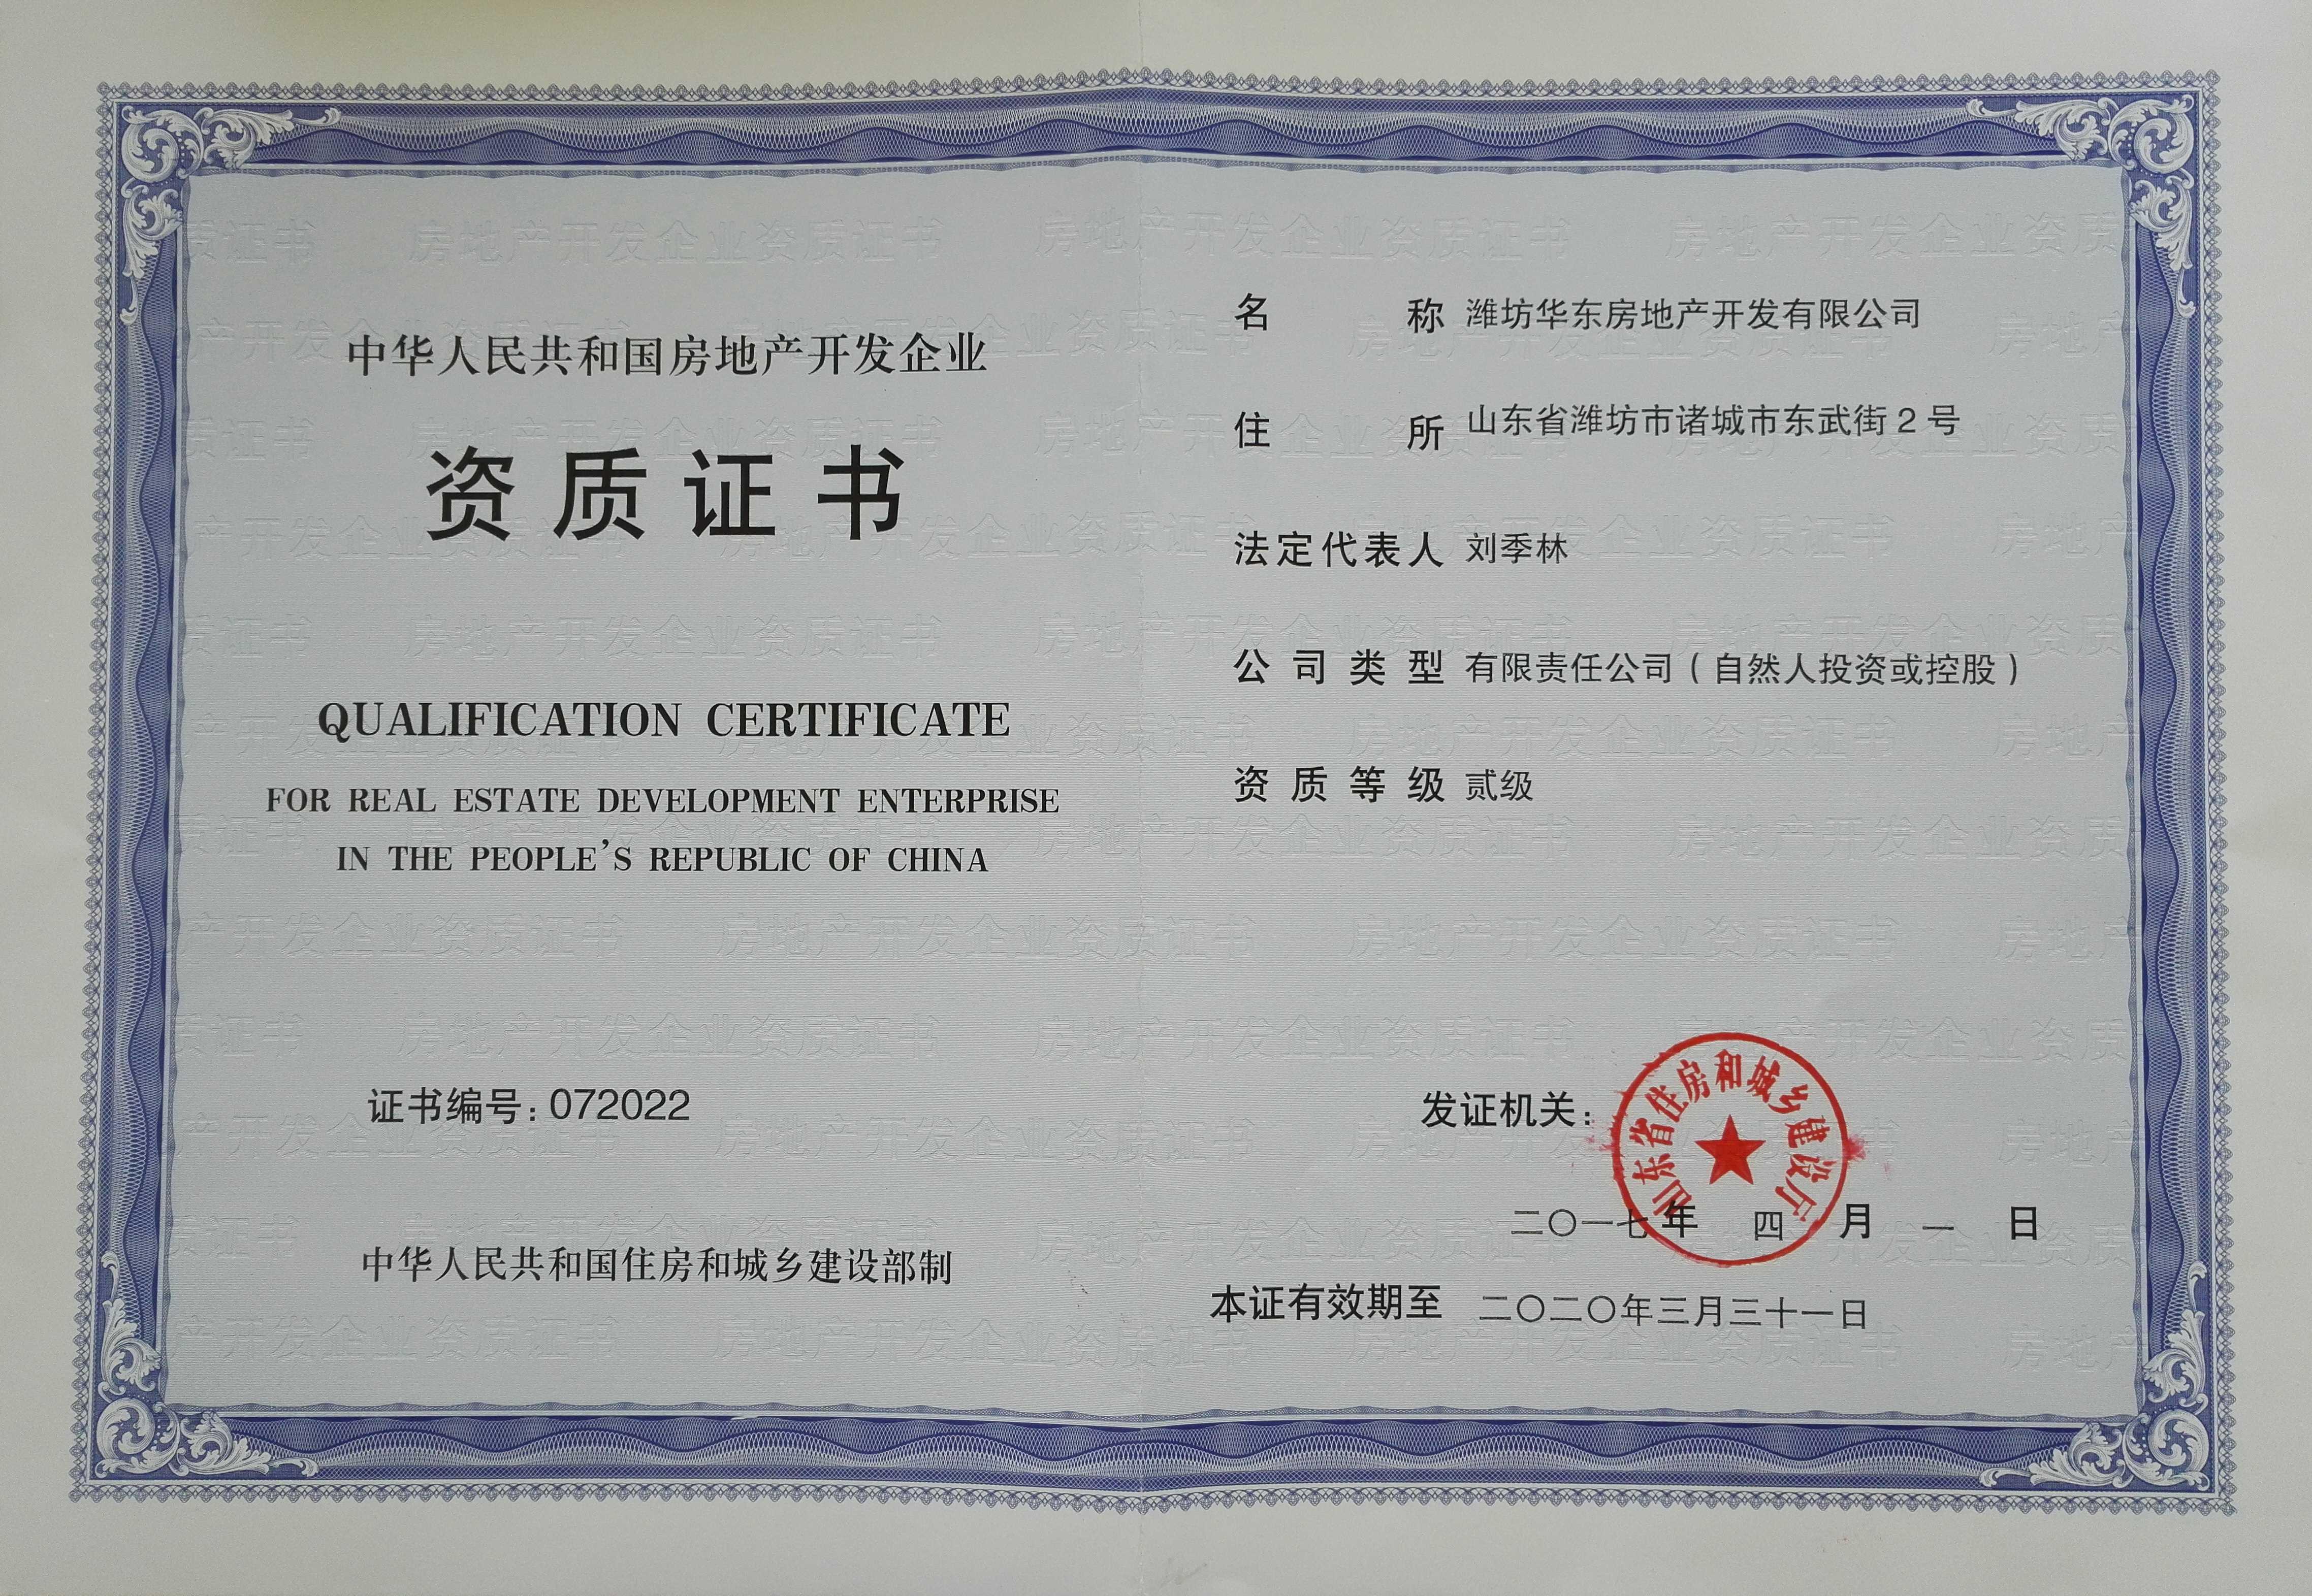 潍坊华东房地产开发有限公司资质正本